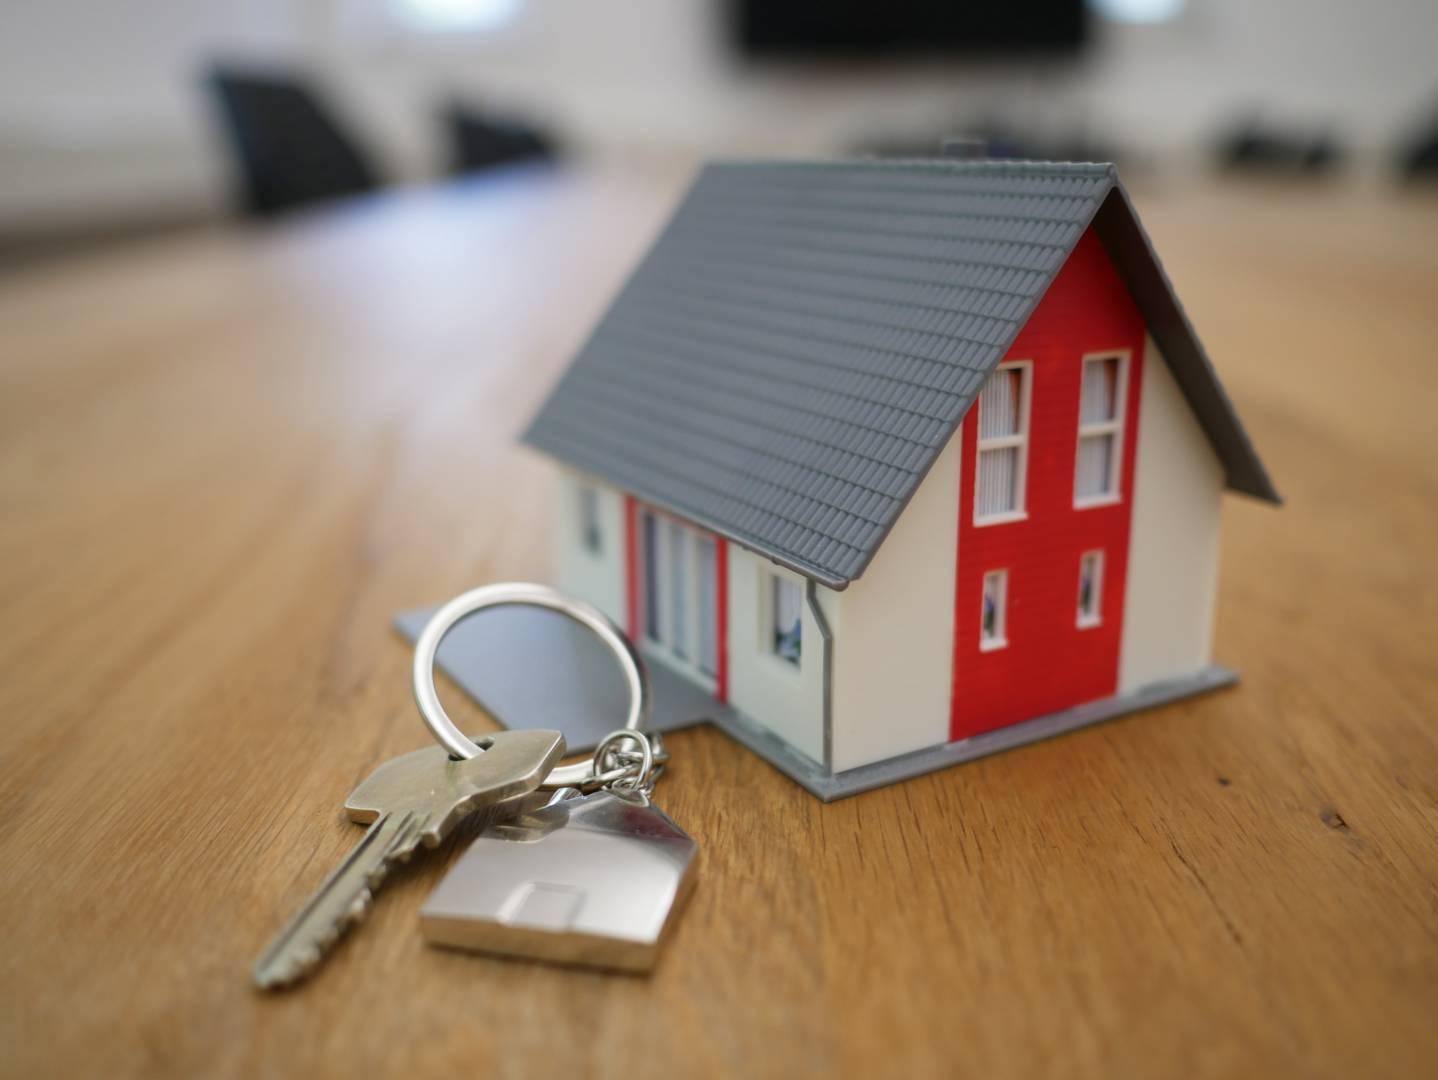 Comment bien choisir son agent immobilier ?